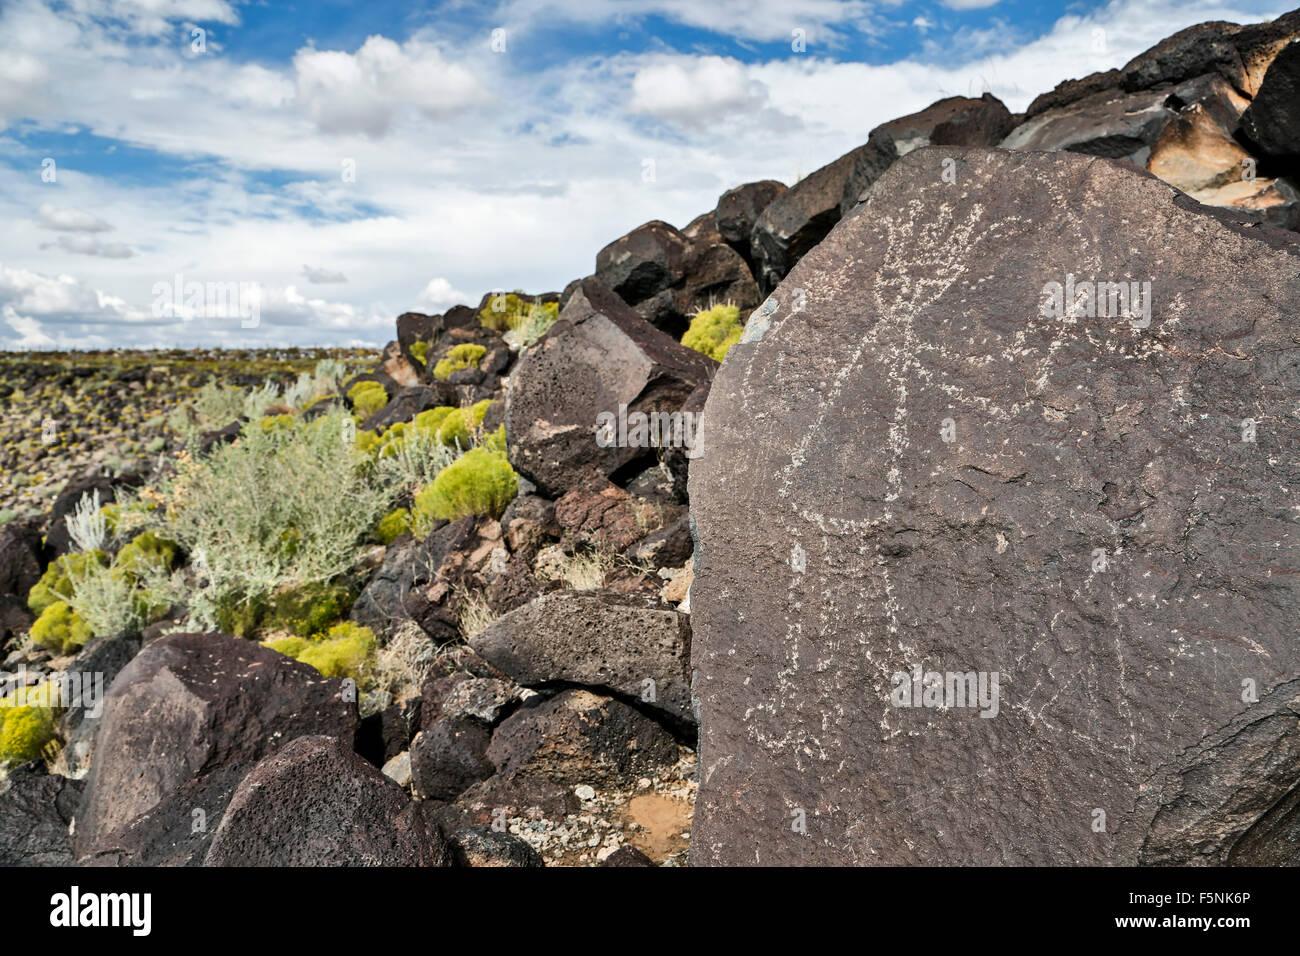 L'art rupestre (pétroglyphes) sur rock, Boca Negra canyon, monument national Petroglyph, Albuquerque, Nouveau Photo Stock